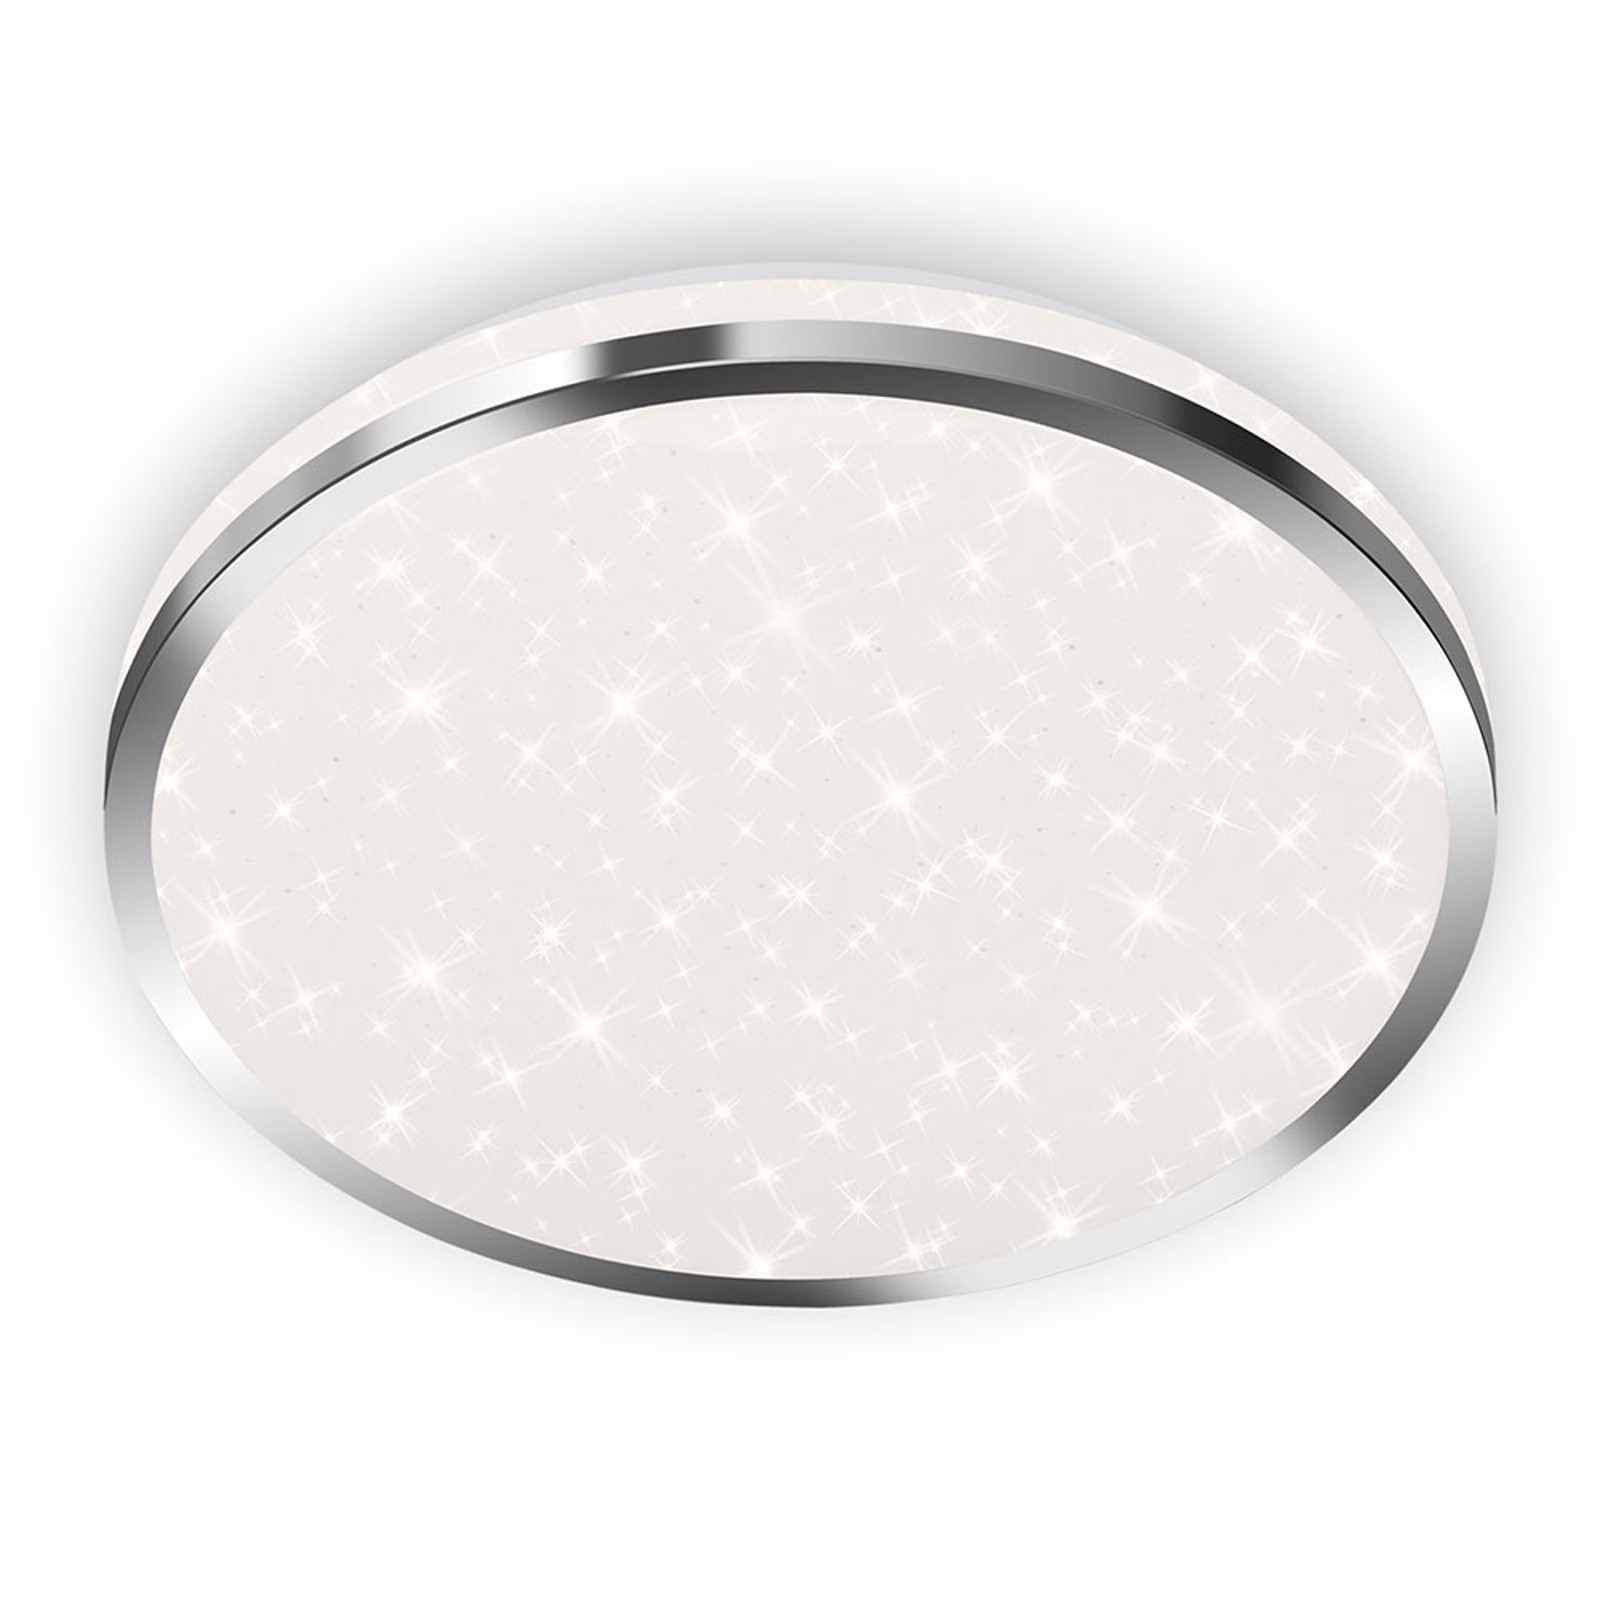 LED-Deckenleuchte 3403 IP44 Sternendekor, Ø 28 cm